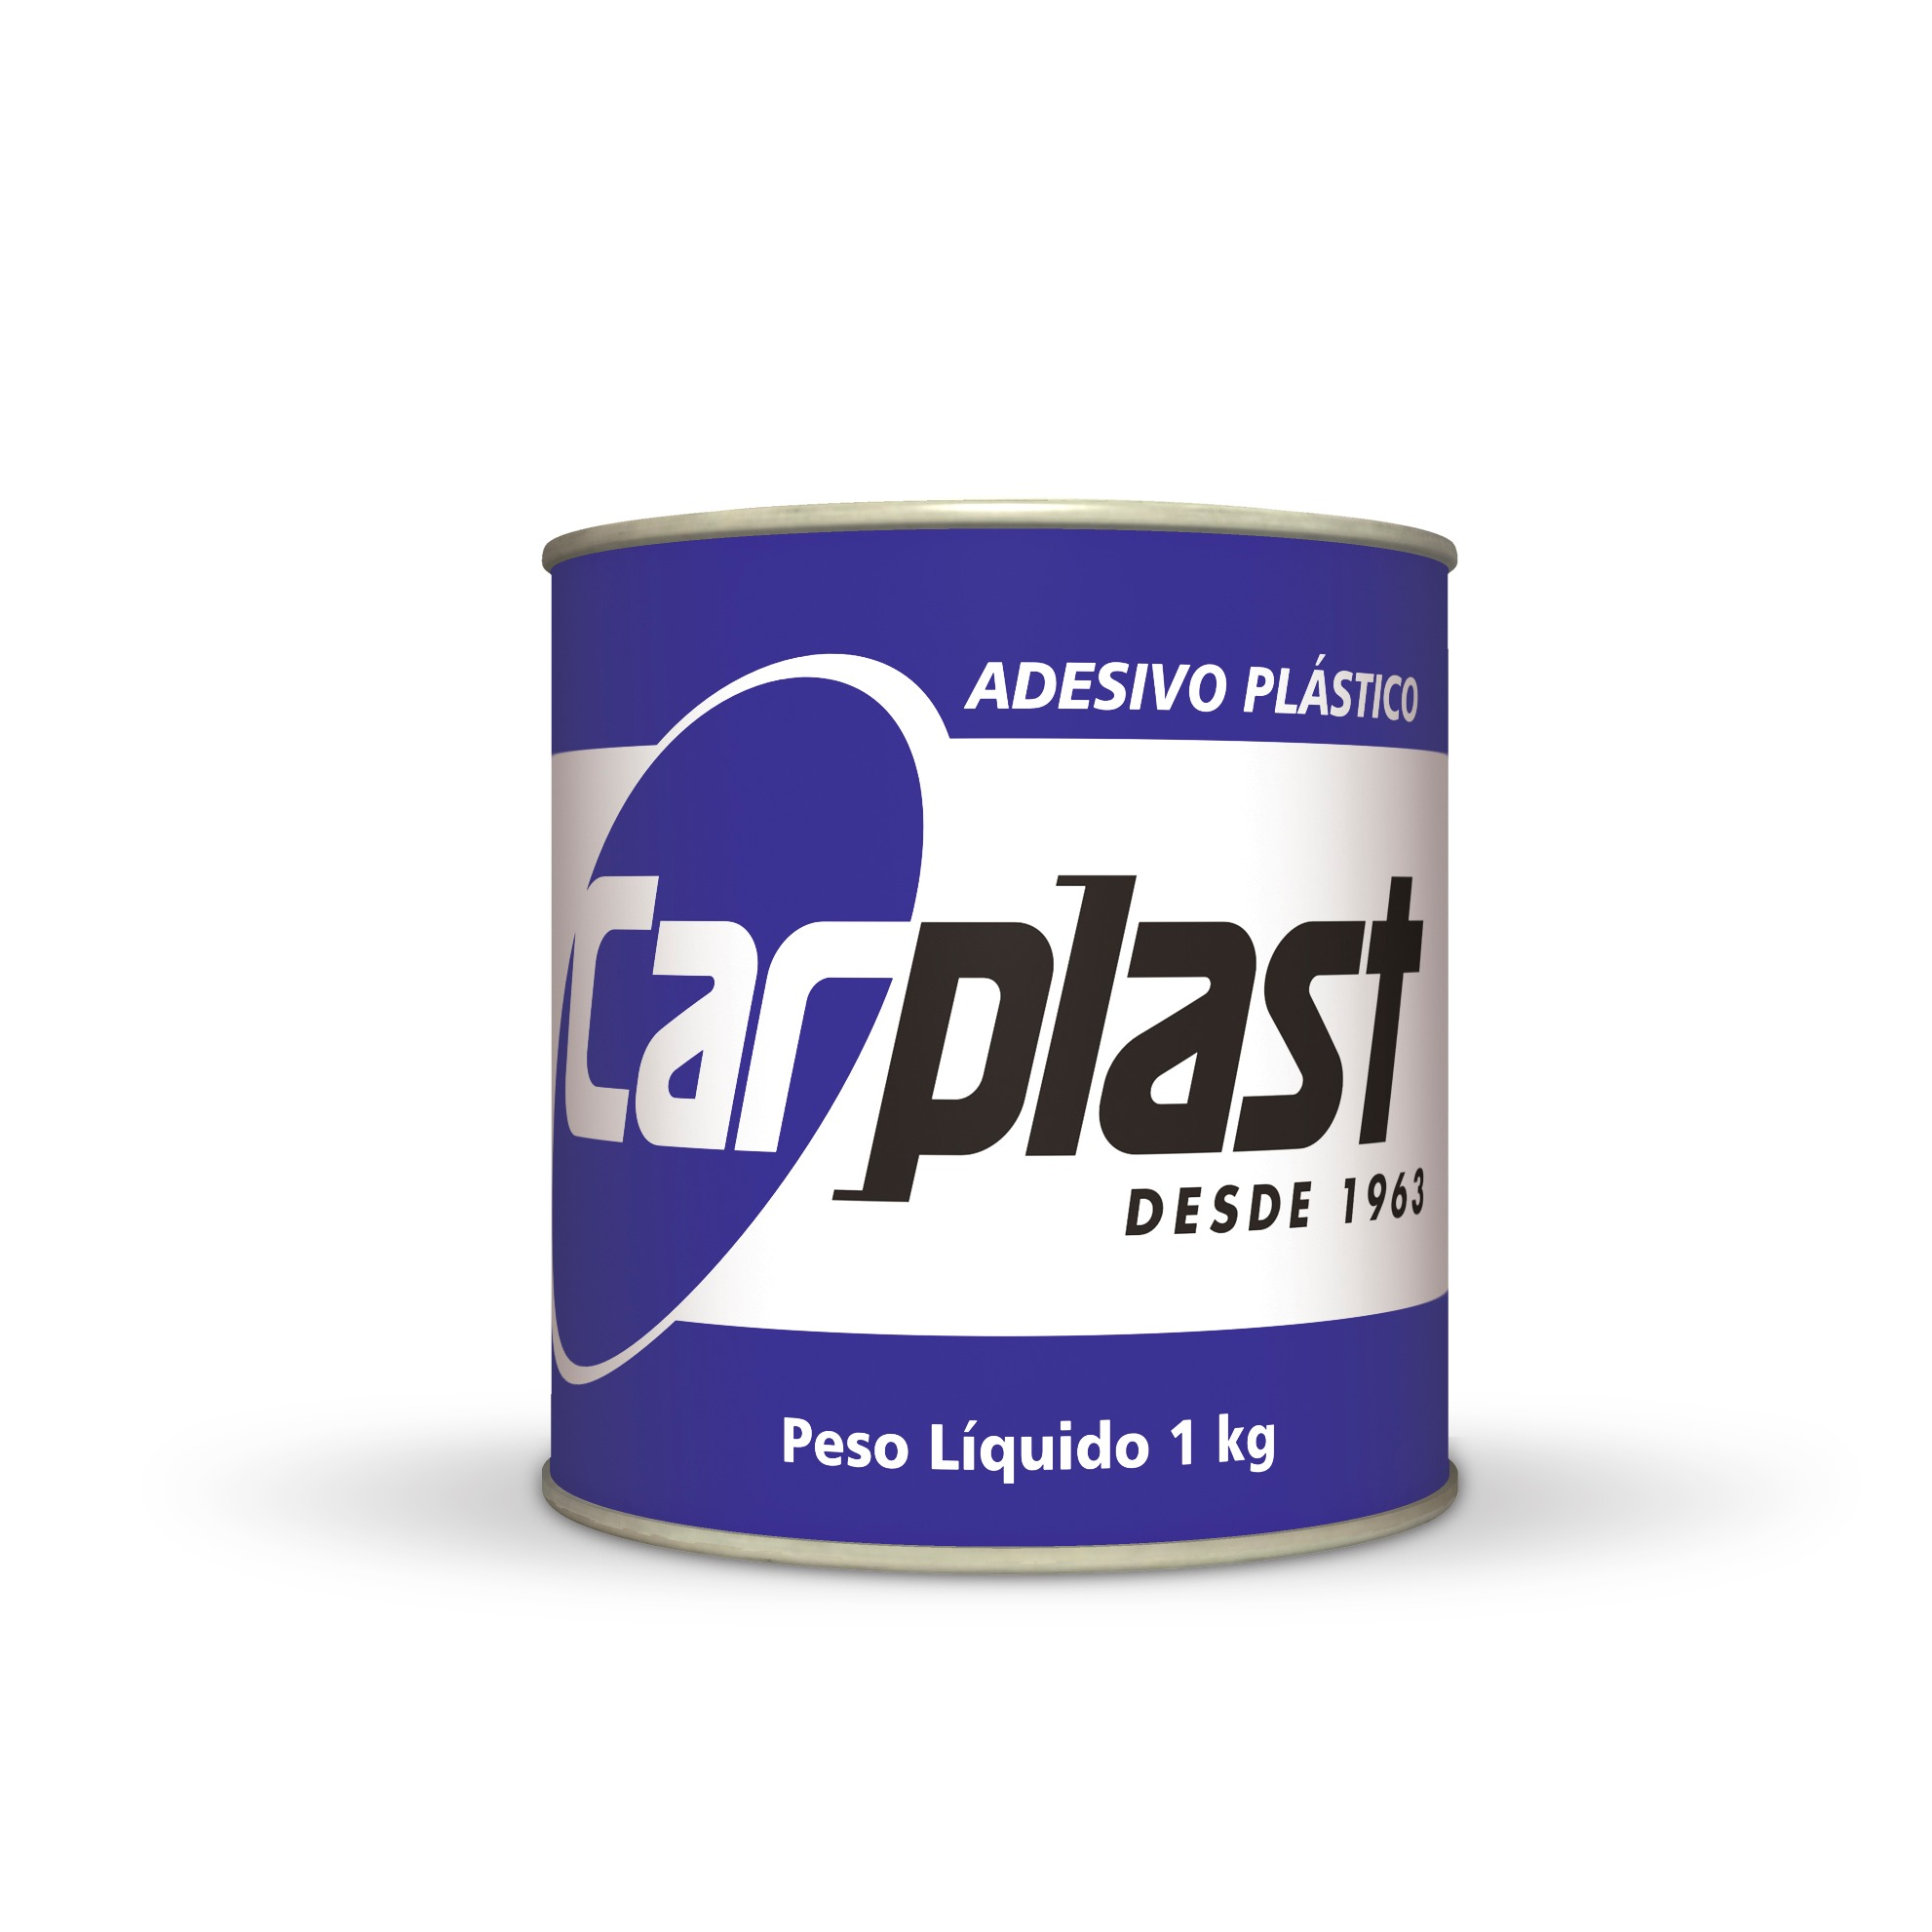 Gray Plastic Carplast Sticker